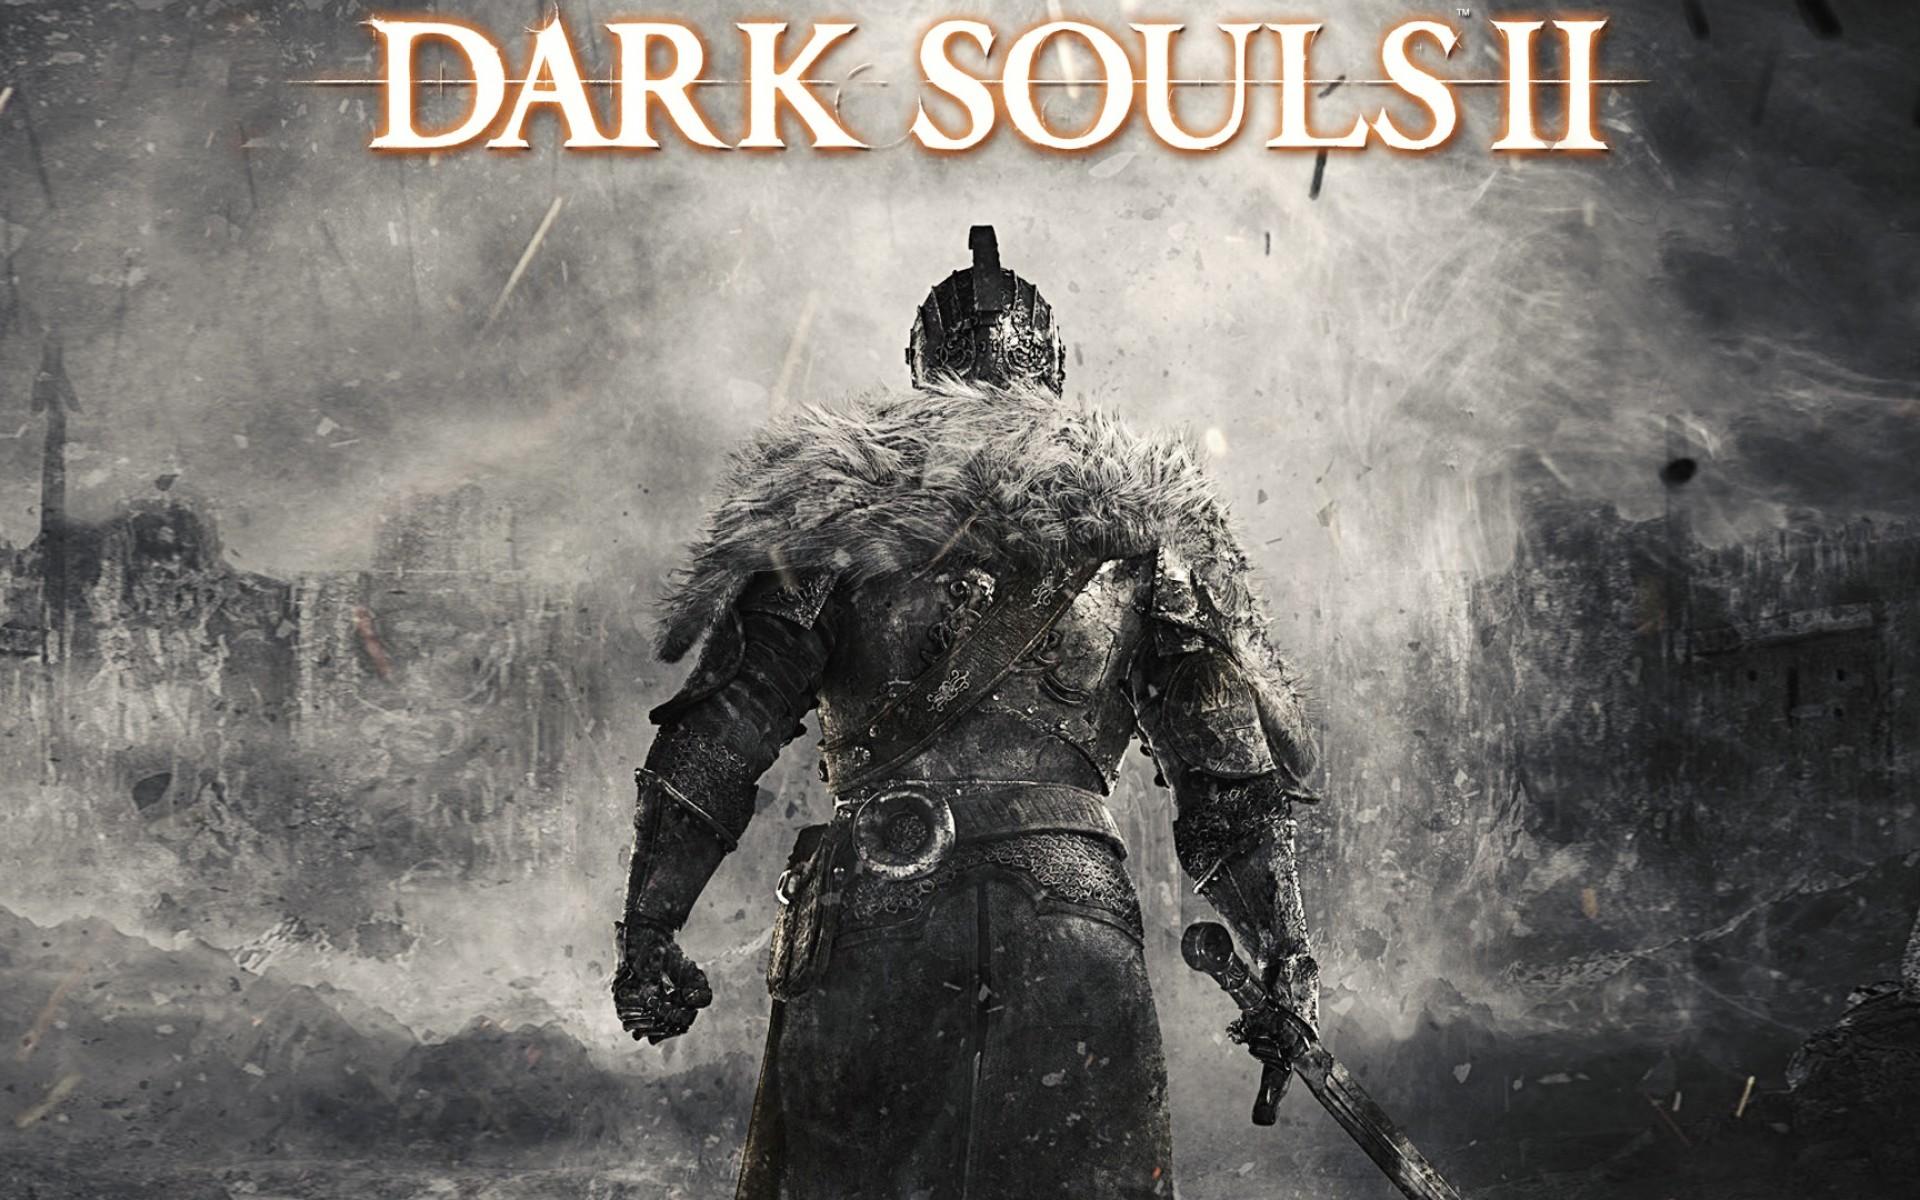 Dark Souls II trailer